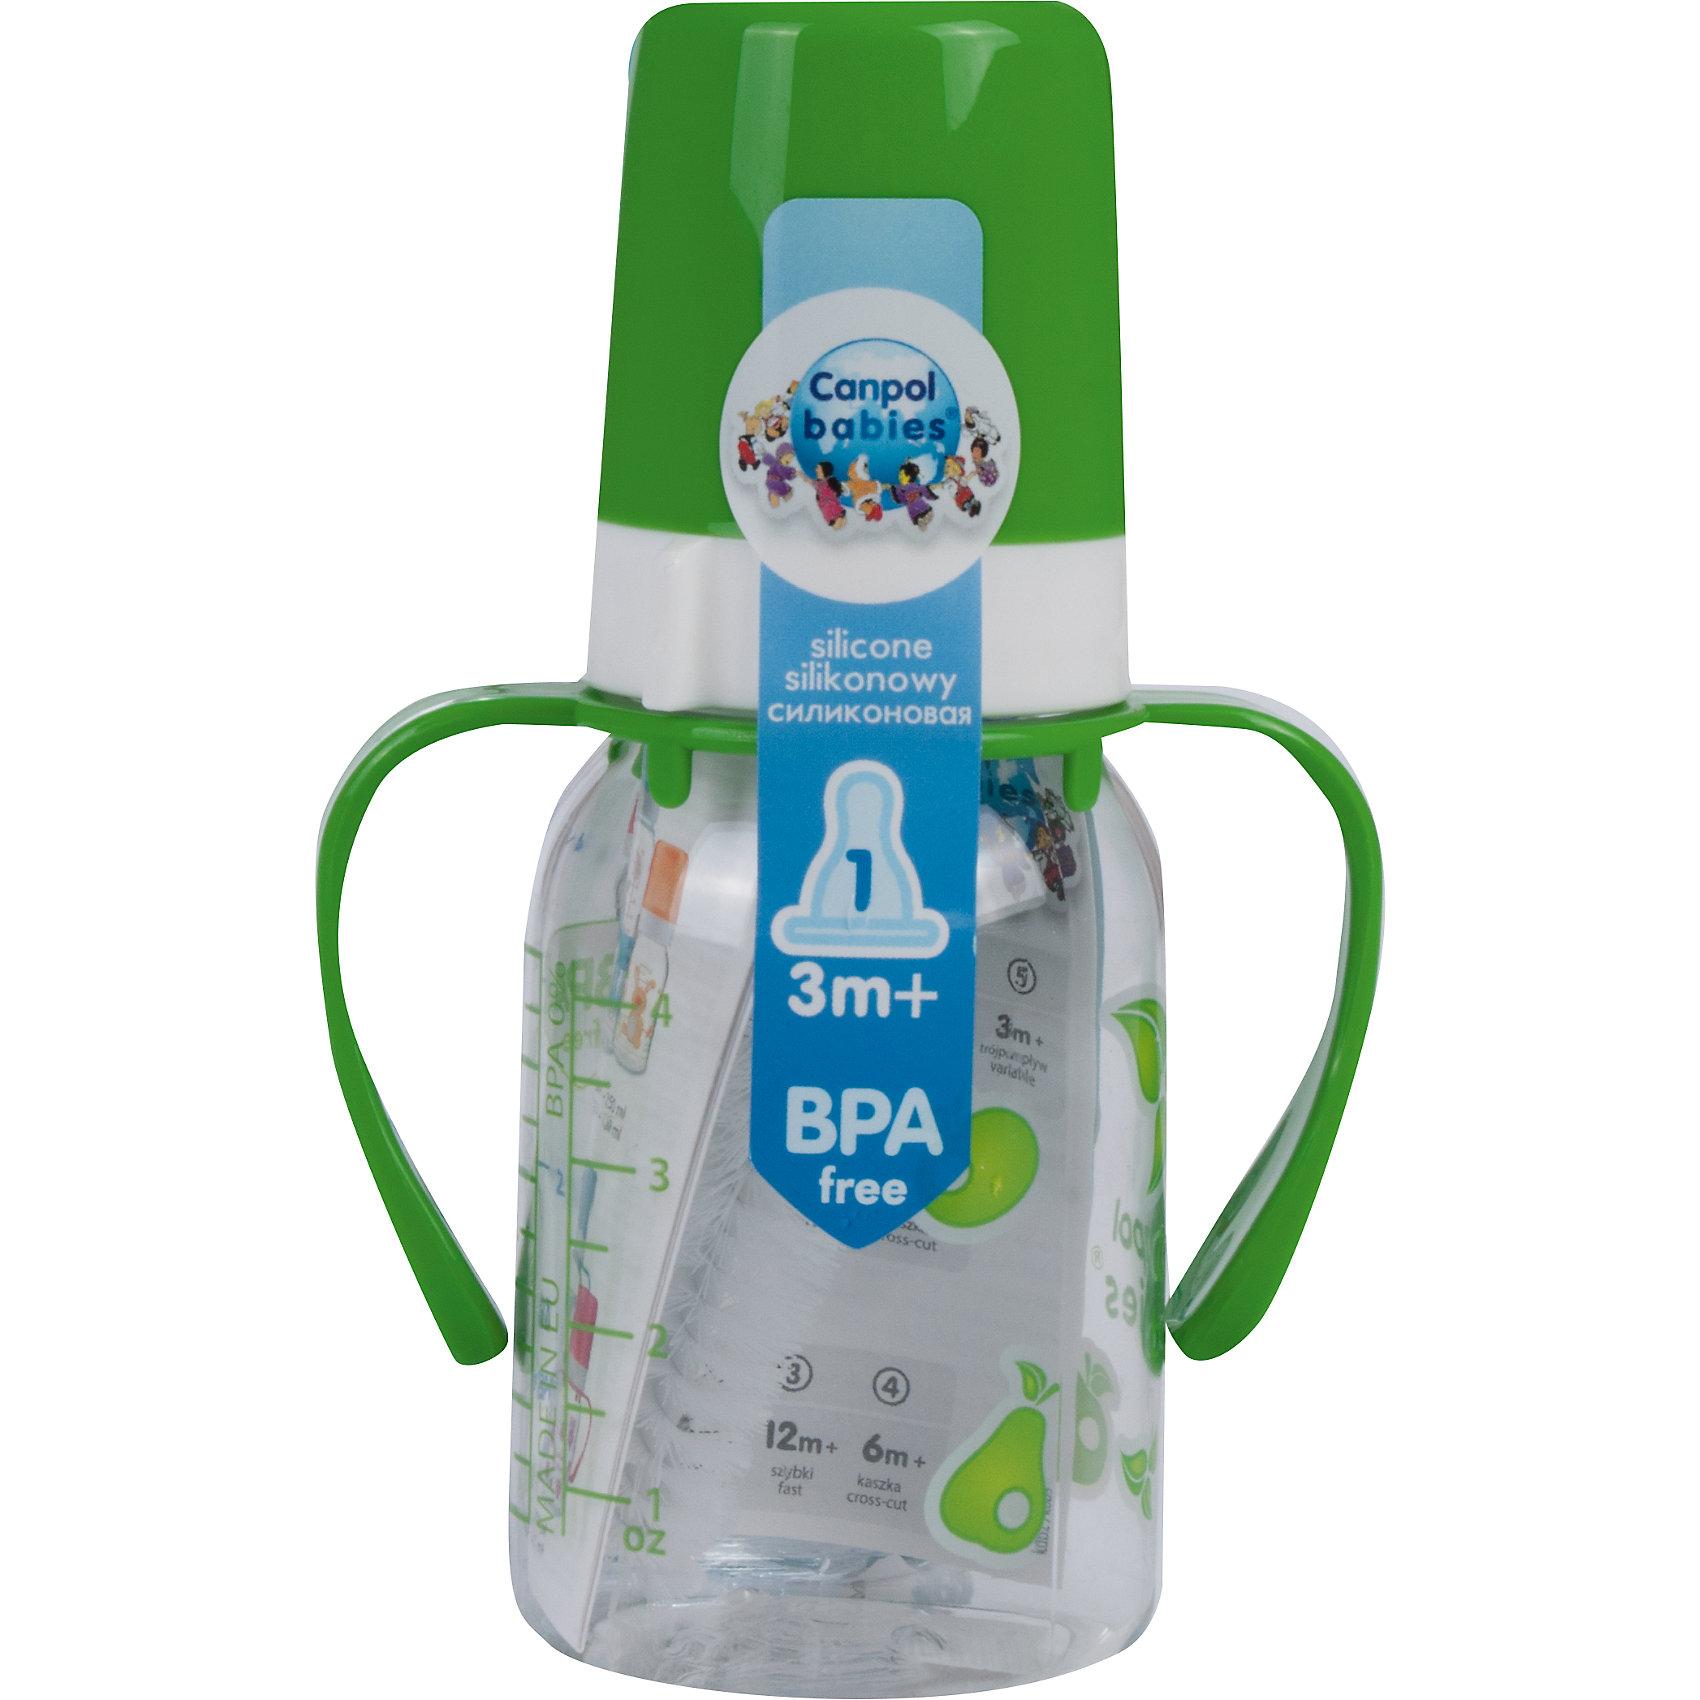 Бутылочка тритановая 120 мл. 3+, Canpol Babies, зеленый110 - 180 мл.<br>Бутылочка тритановая (BPA 0%) с ручками с сил. соской, 120 мл. 3+, Canpol Babies, (Канпол Бейбис), зеленый.<br><br>Характеристики: <br><br>• Объем бутылочки: 120мл.<br>• Материал бутылочки: тритан - пластик нового поколения.<br>• Материал соски: силикон.<br>• Цвет : зеленый. <br>• Удобные ручки.<br>Бутылочка тритановая (BPA 0%) с ручками с сил. соской, 120 мл. 3+, Canpol Babies, (Канпол Бейбис) имеет классическую форму и снабжена ручками. Удобна в использовании дома и в дороге. Бутылочка выполнена из безопасного качественного материала - тритана, который хорошо держит тепло, снабжена силиконовой соской (медленный поток) и защитным колпачком, имеет удобную мерную шкалу.  Такую бутылочку и все части можно кипятить в воде или стерилизовать с помощью специального прибора. Не впитывает запахи. По мере взросления малыш сможет самостоятельно пить из бутылочки, держа  ее за удобные ручки. <br>Бутылочку тритановая (BPA 0%) с ручками с сил. соской, 120 мл. 3+, Canpol Babies, (Канпол Бейбис), зеленый можно купить в нашем интернет- магазине.<br><br>Ширина мм: 175<br>Глубина мм: 55<br>Высота мм: 87<br>Вес г: 530<br>Возраст от месяцев: 3<br>Возраст до месяцев: 18<br>Пол: Унисекс<br>Возраст: Детский<br>SKU: 5156790